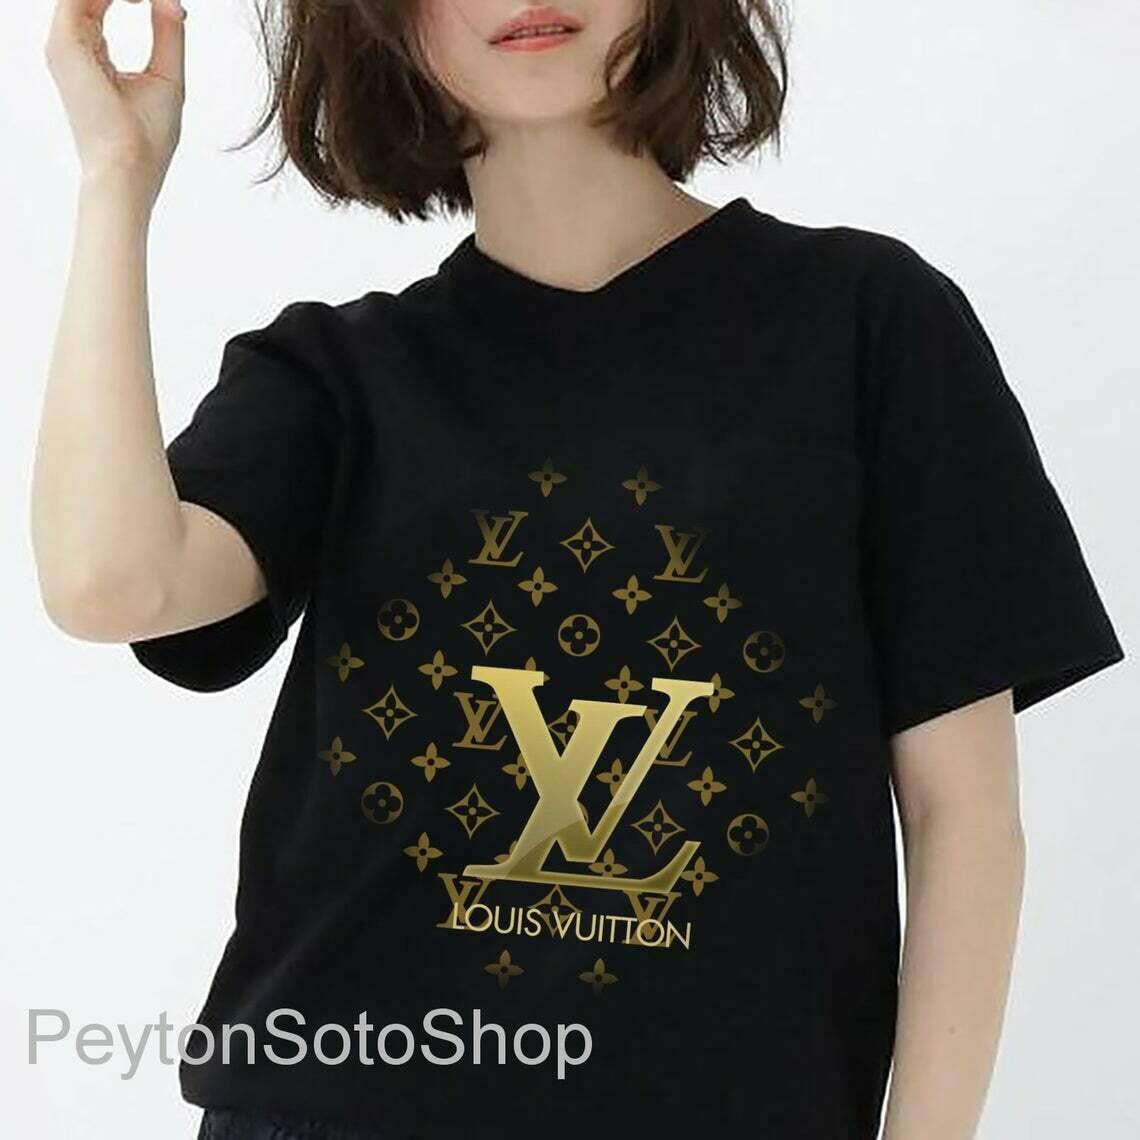 LV Shirt, Louius Vuition, Shirt For Men Women, Luxury Shirts